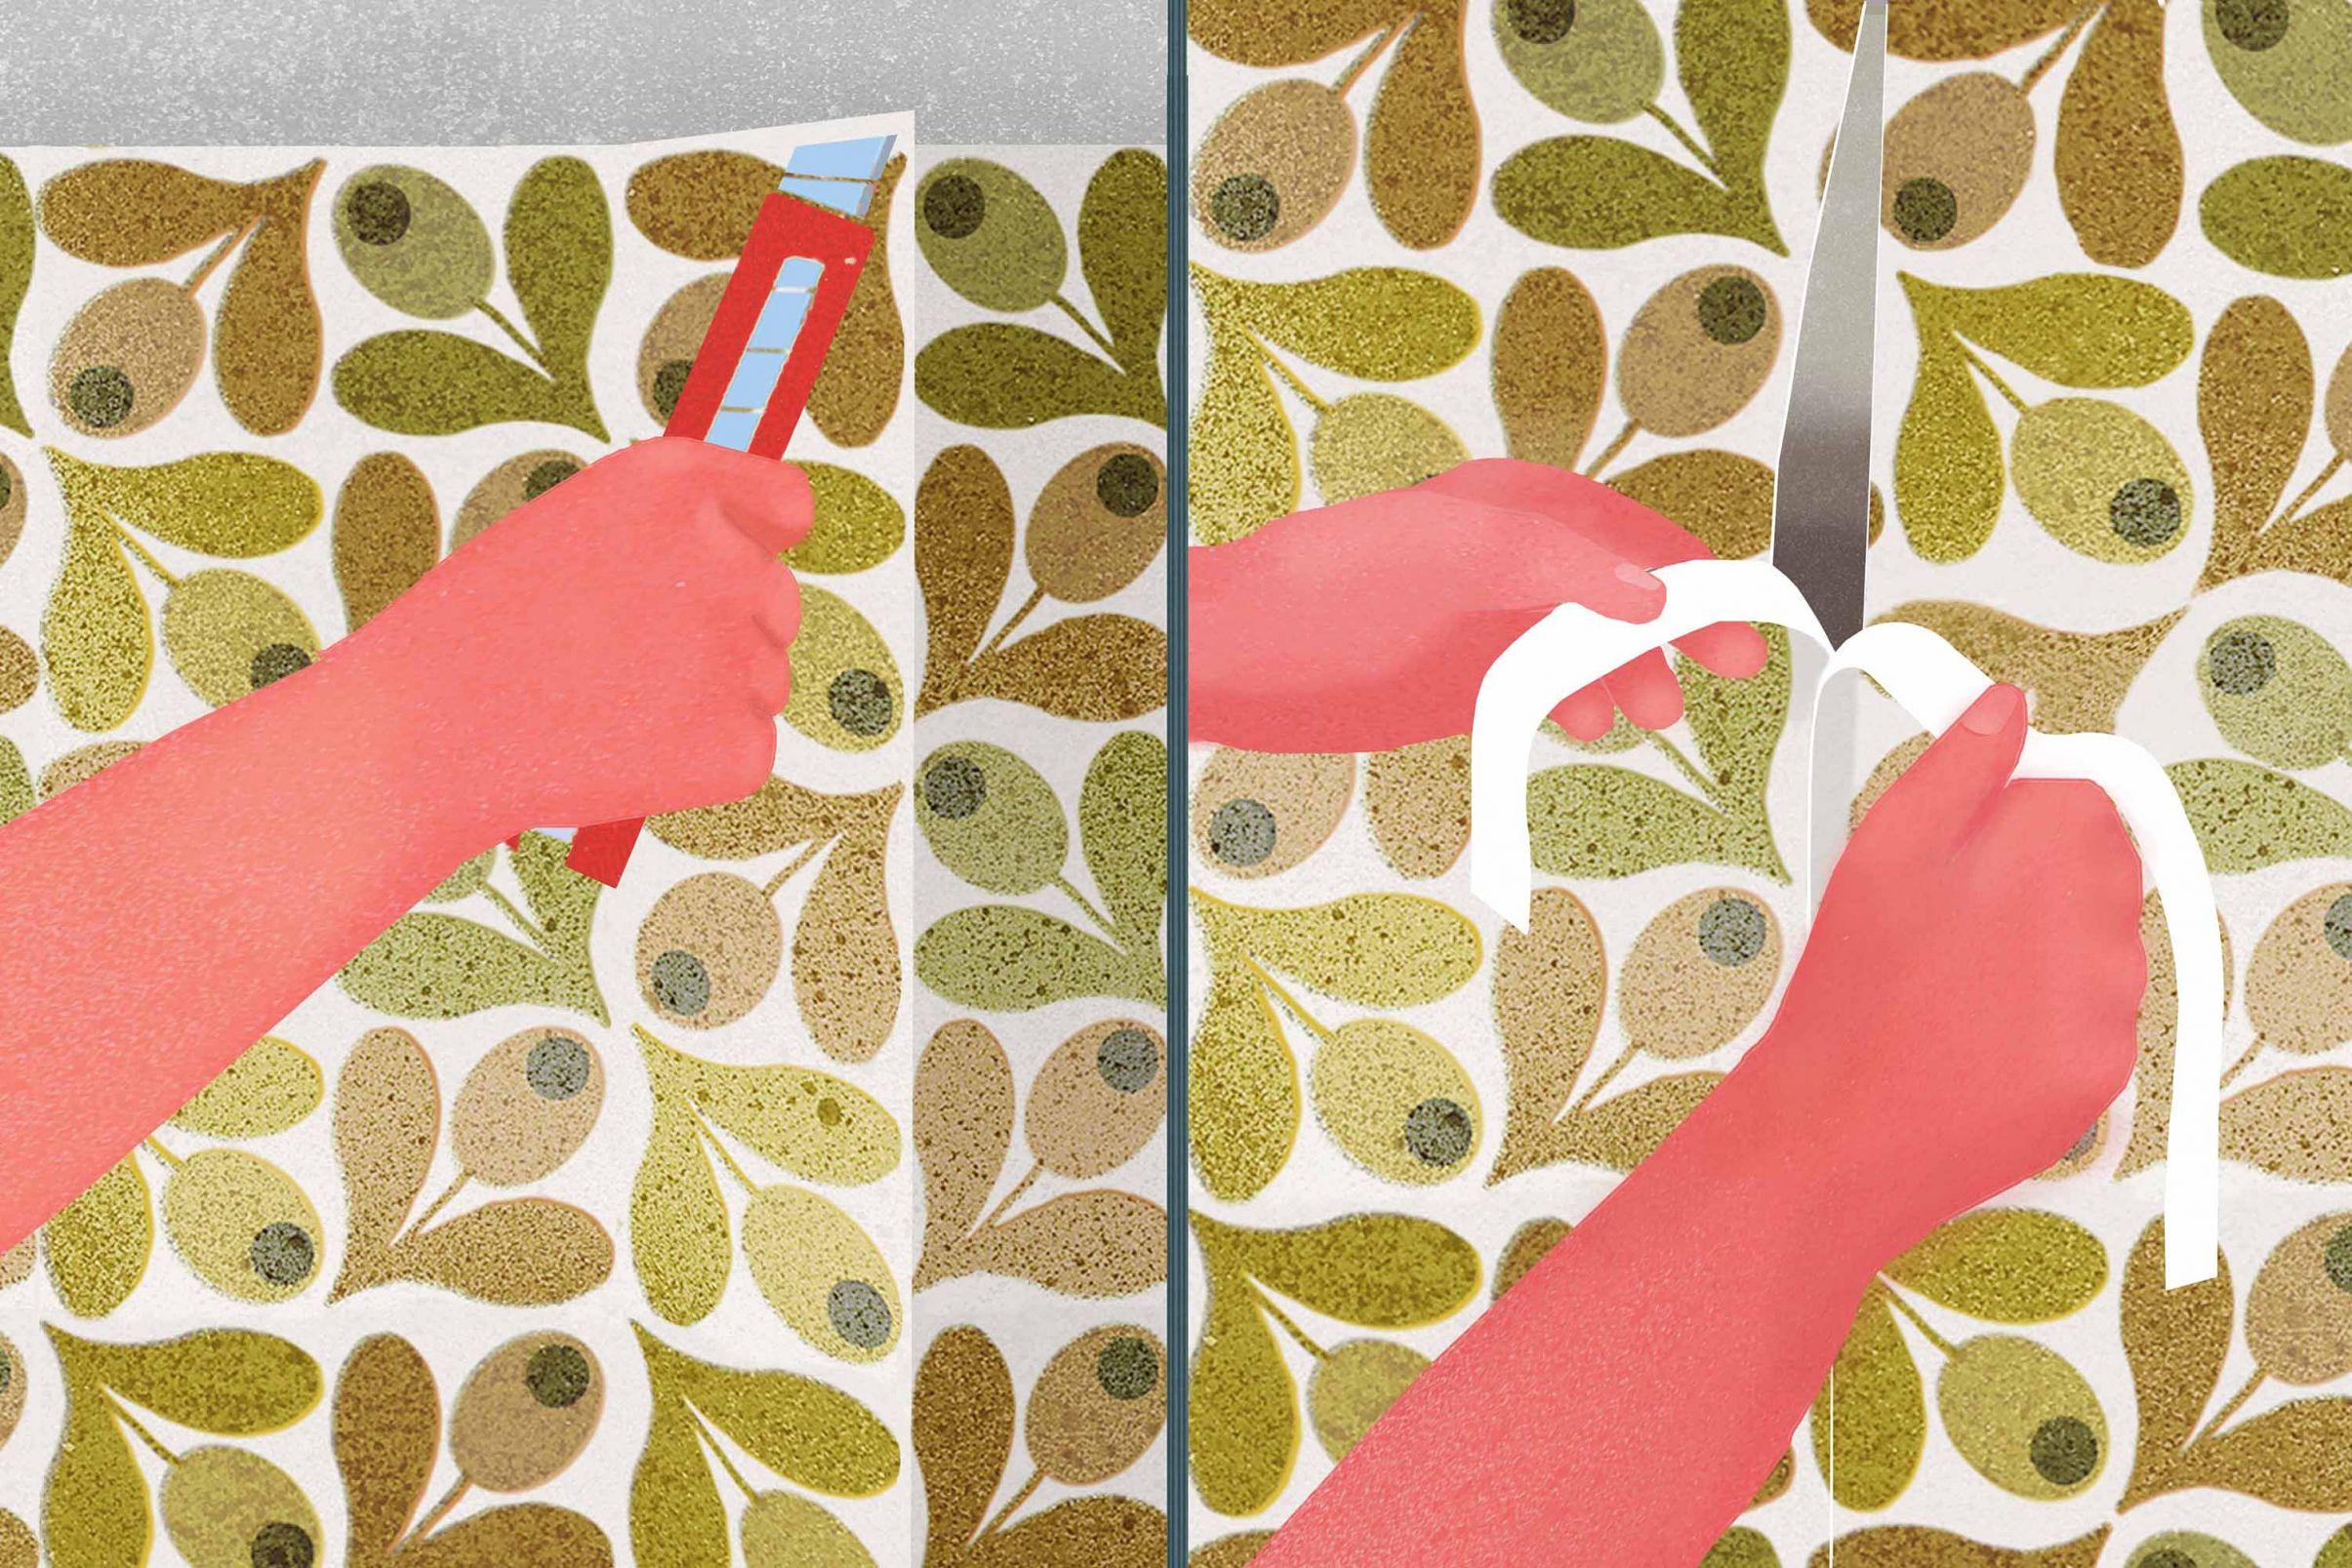 Comment-tapisser-dans-les-coins-Comment-reussir-la-coupe-double